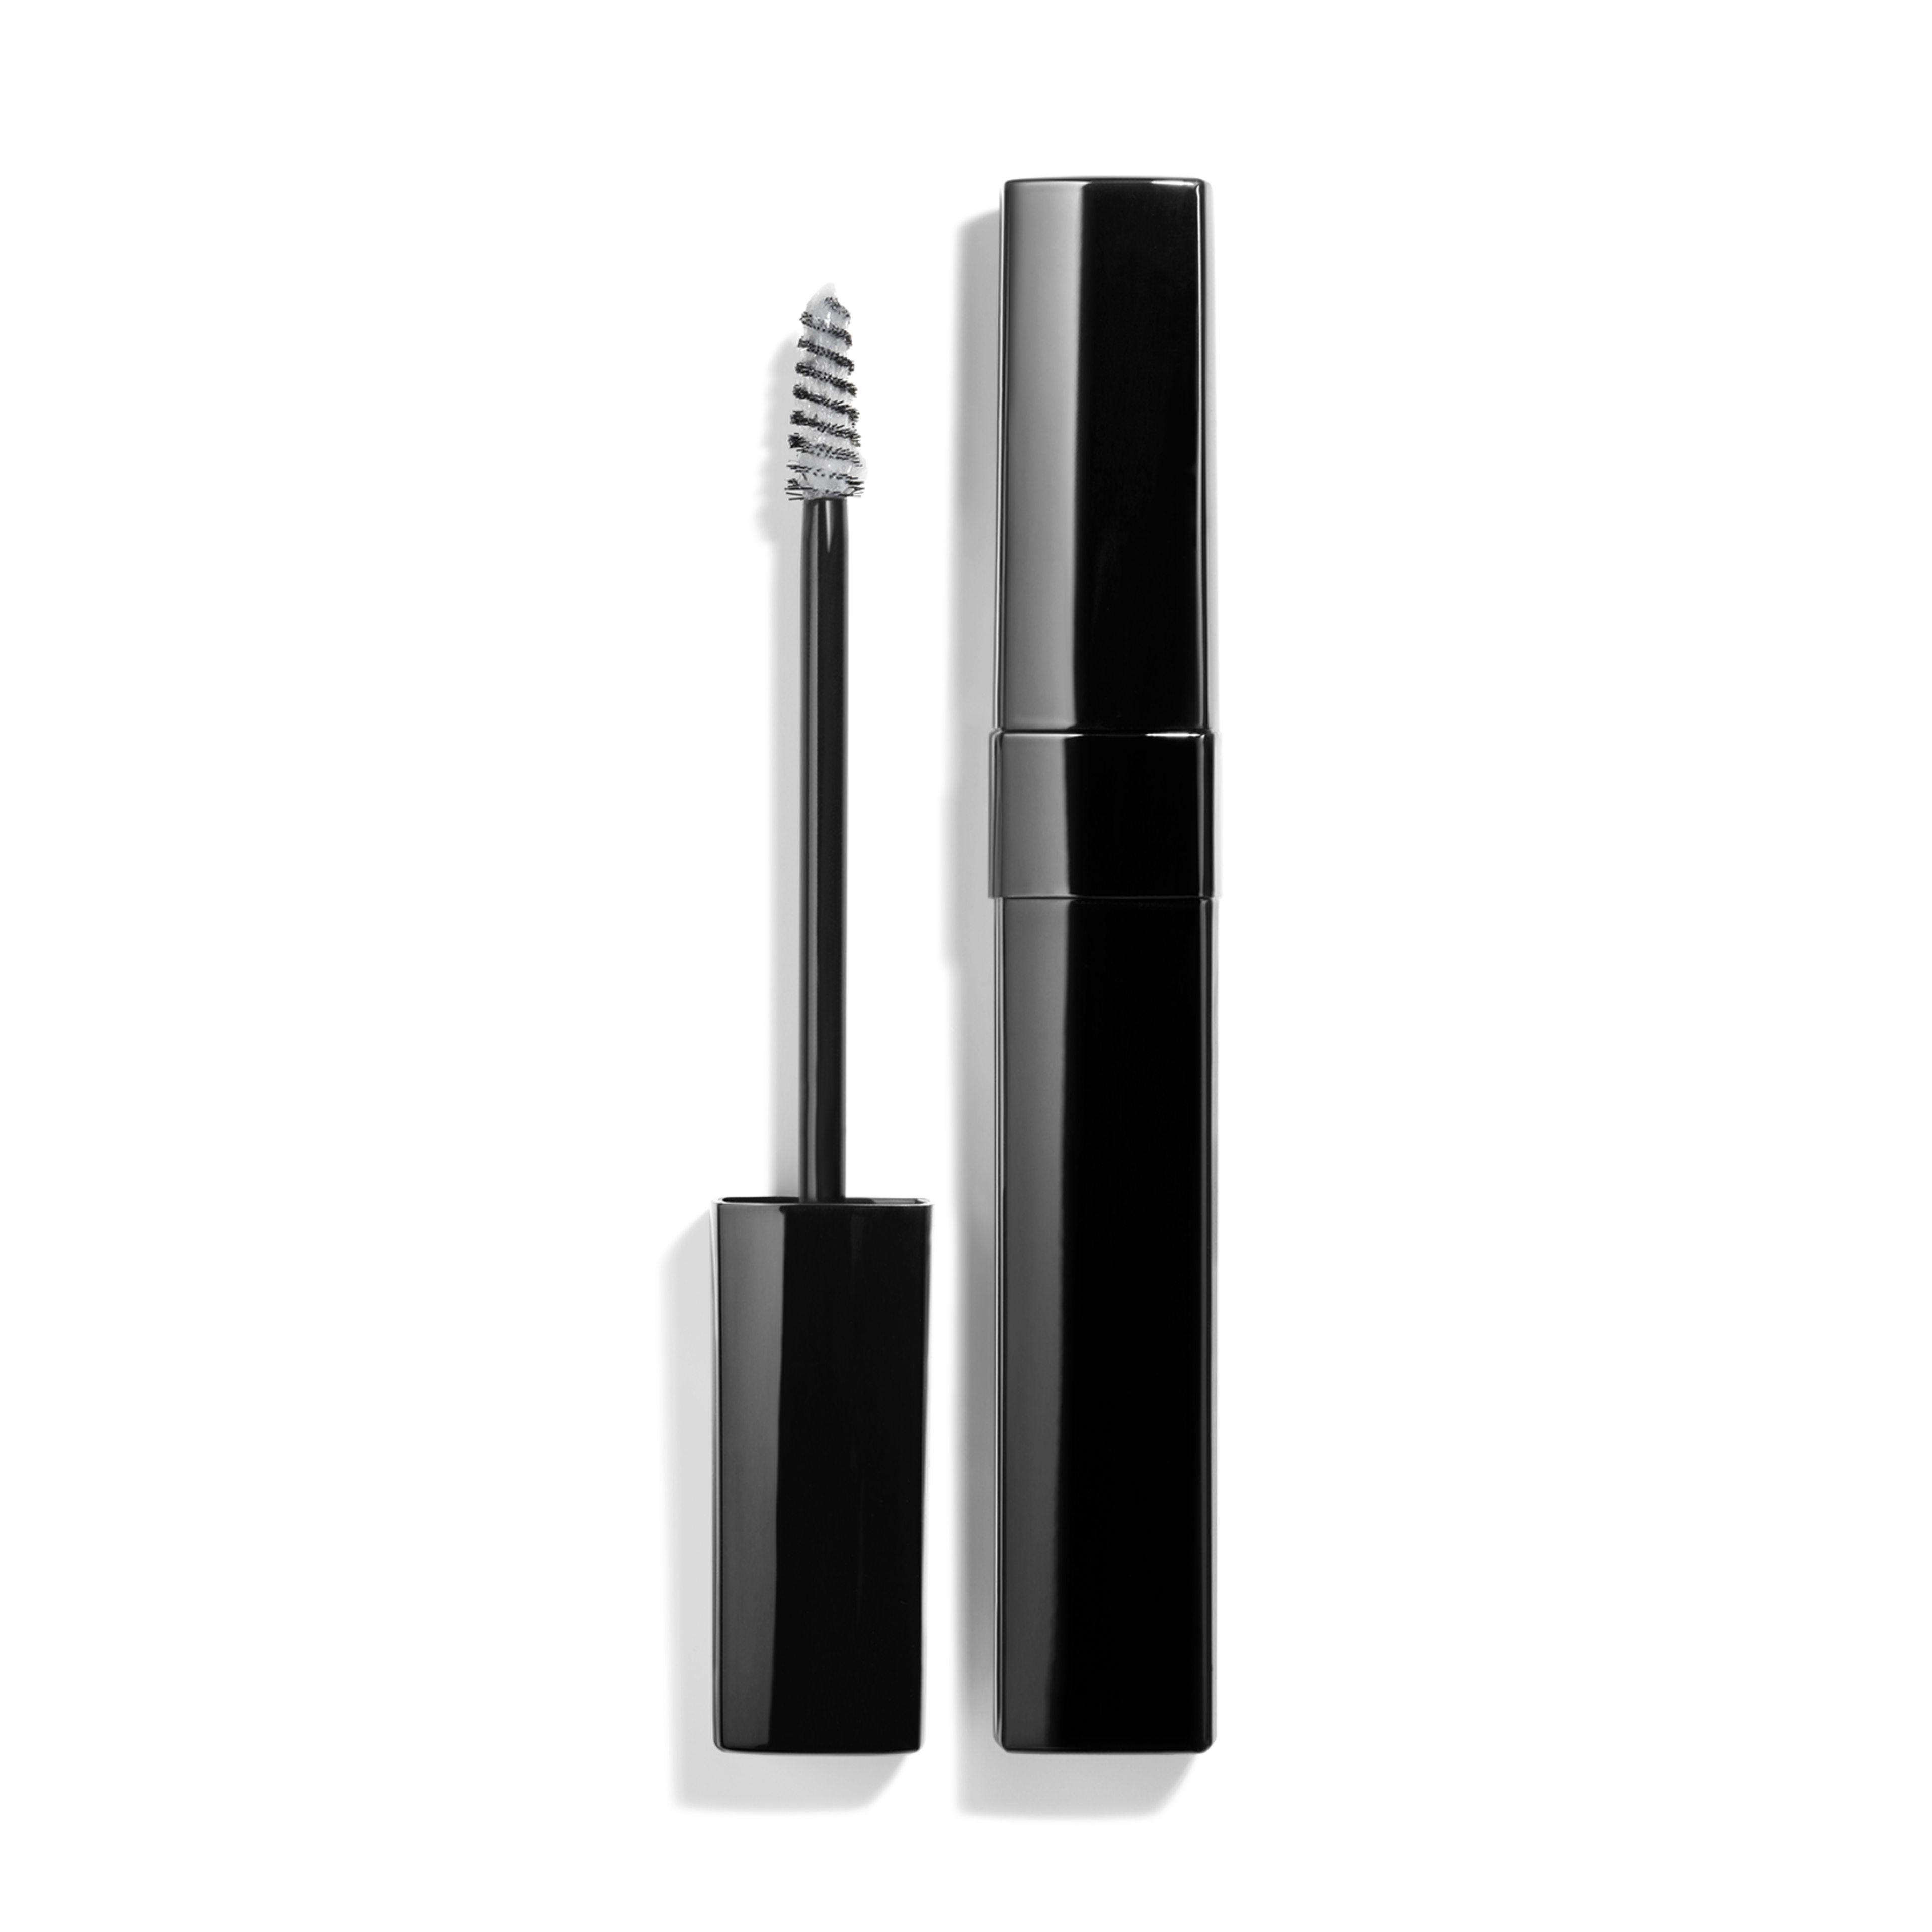 LE GEL SOURCILS - makeup - 0.21OZ. - Default view